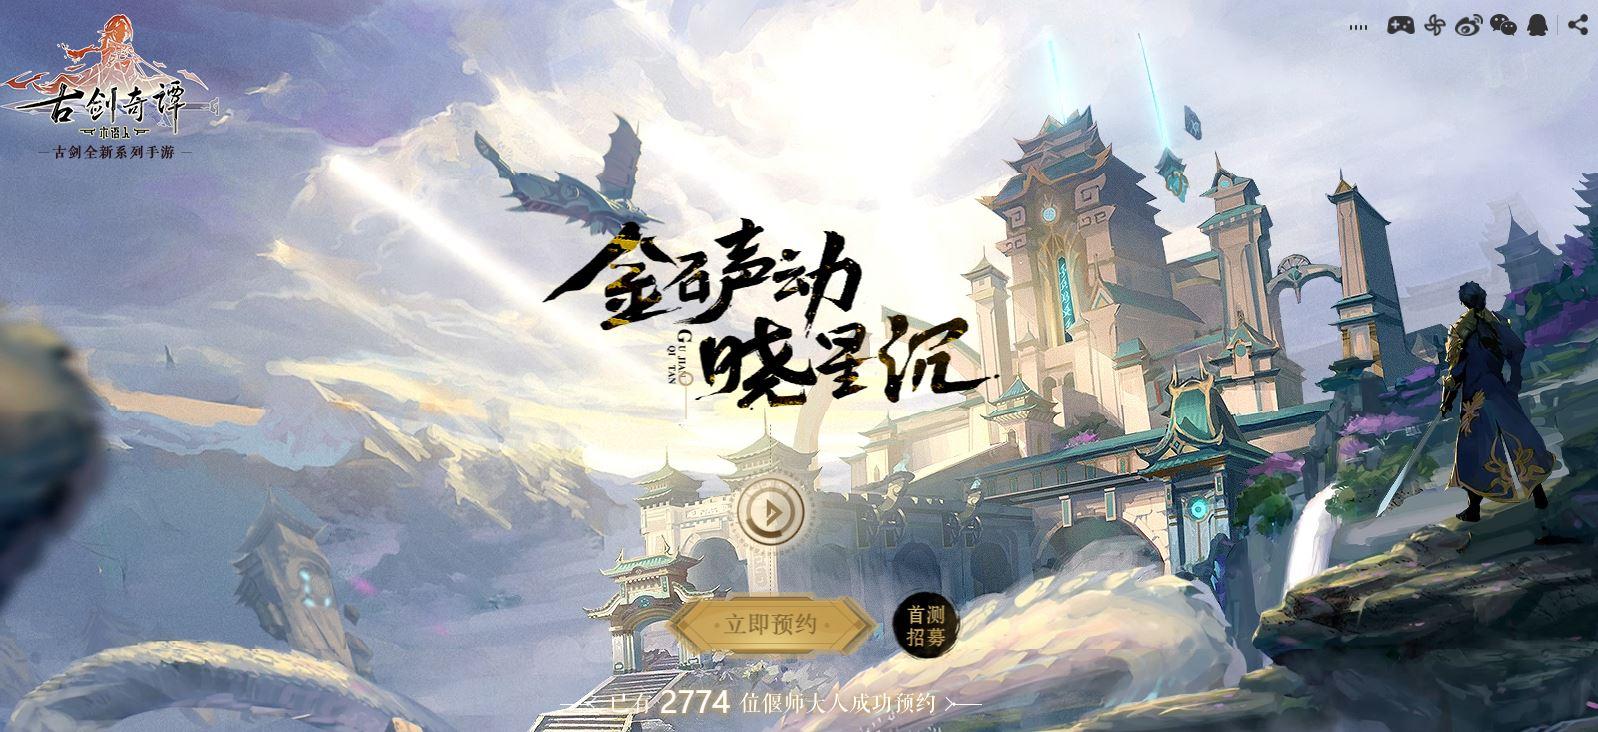 古剑奇谭新作确认为《古剑奇谭木语人》 千秋戏卡牌手游